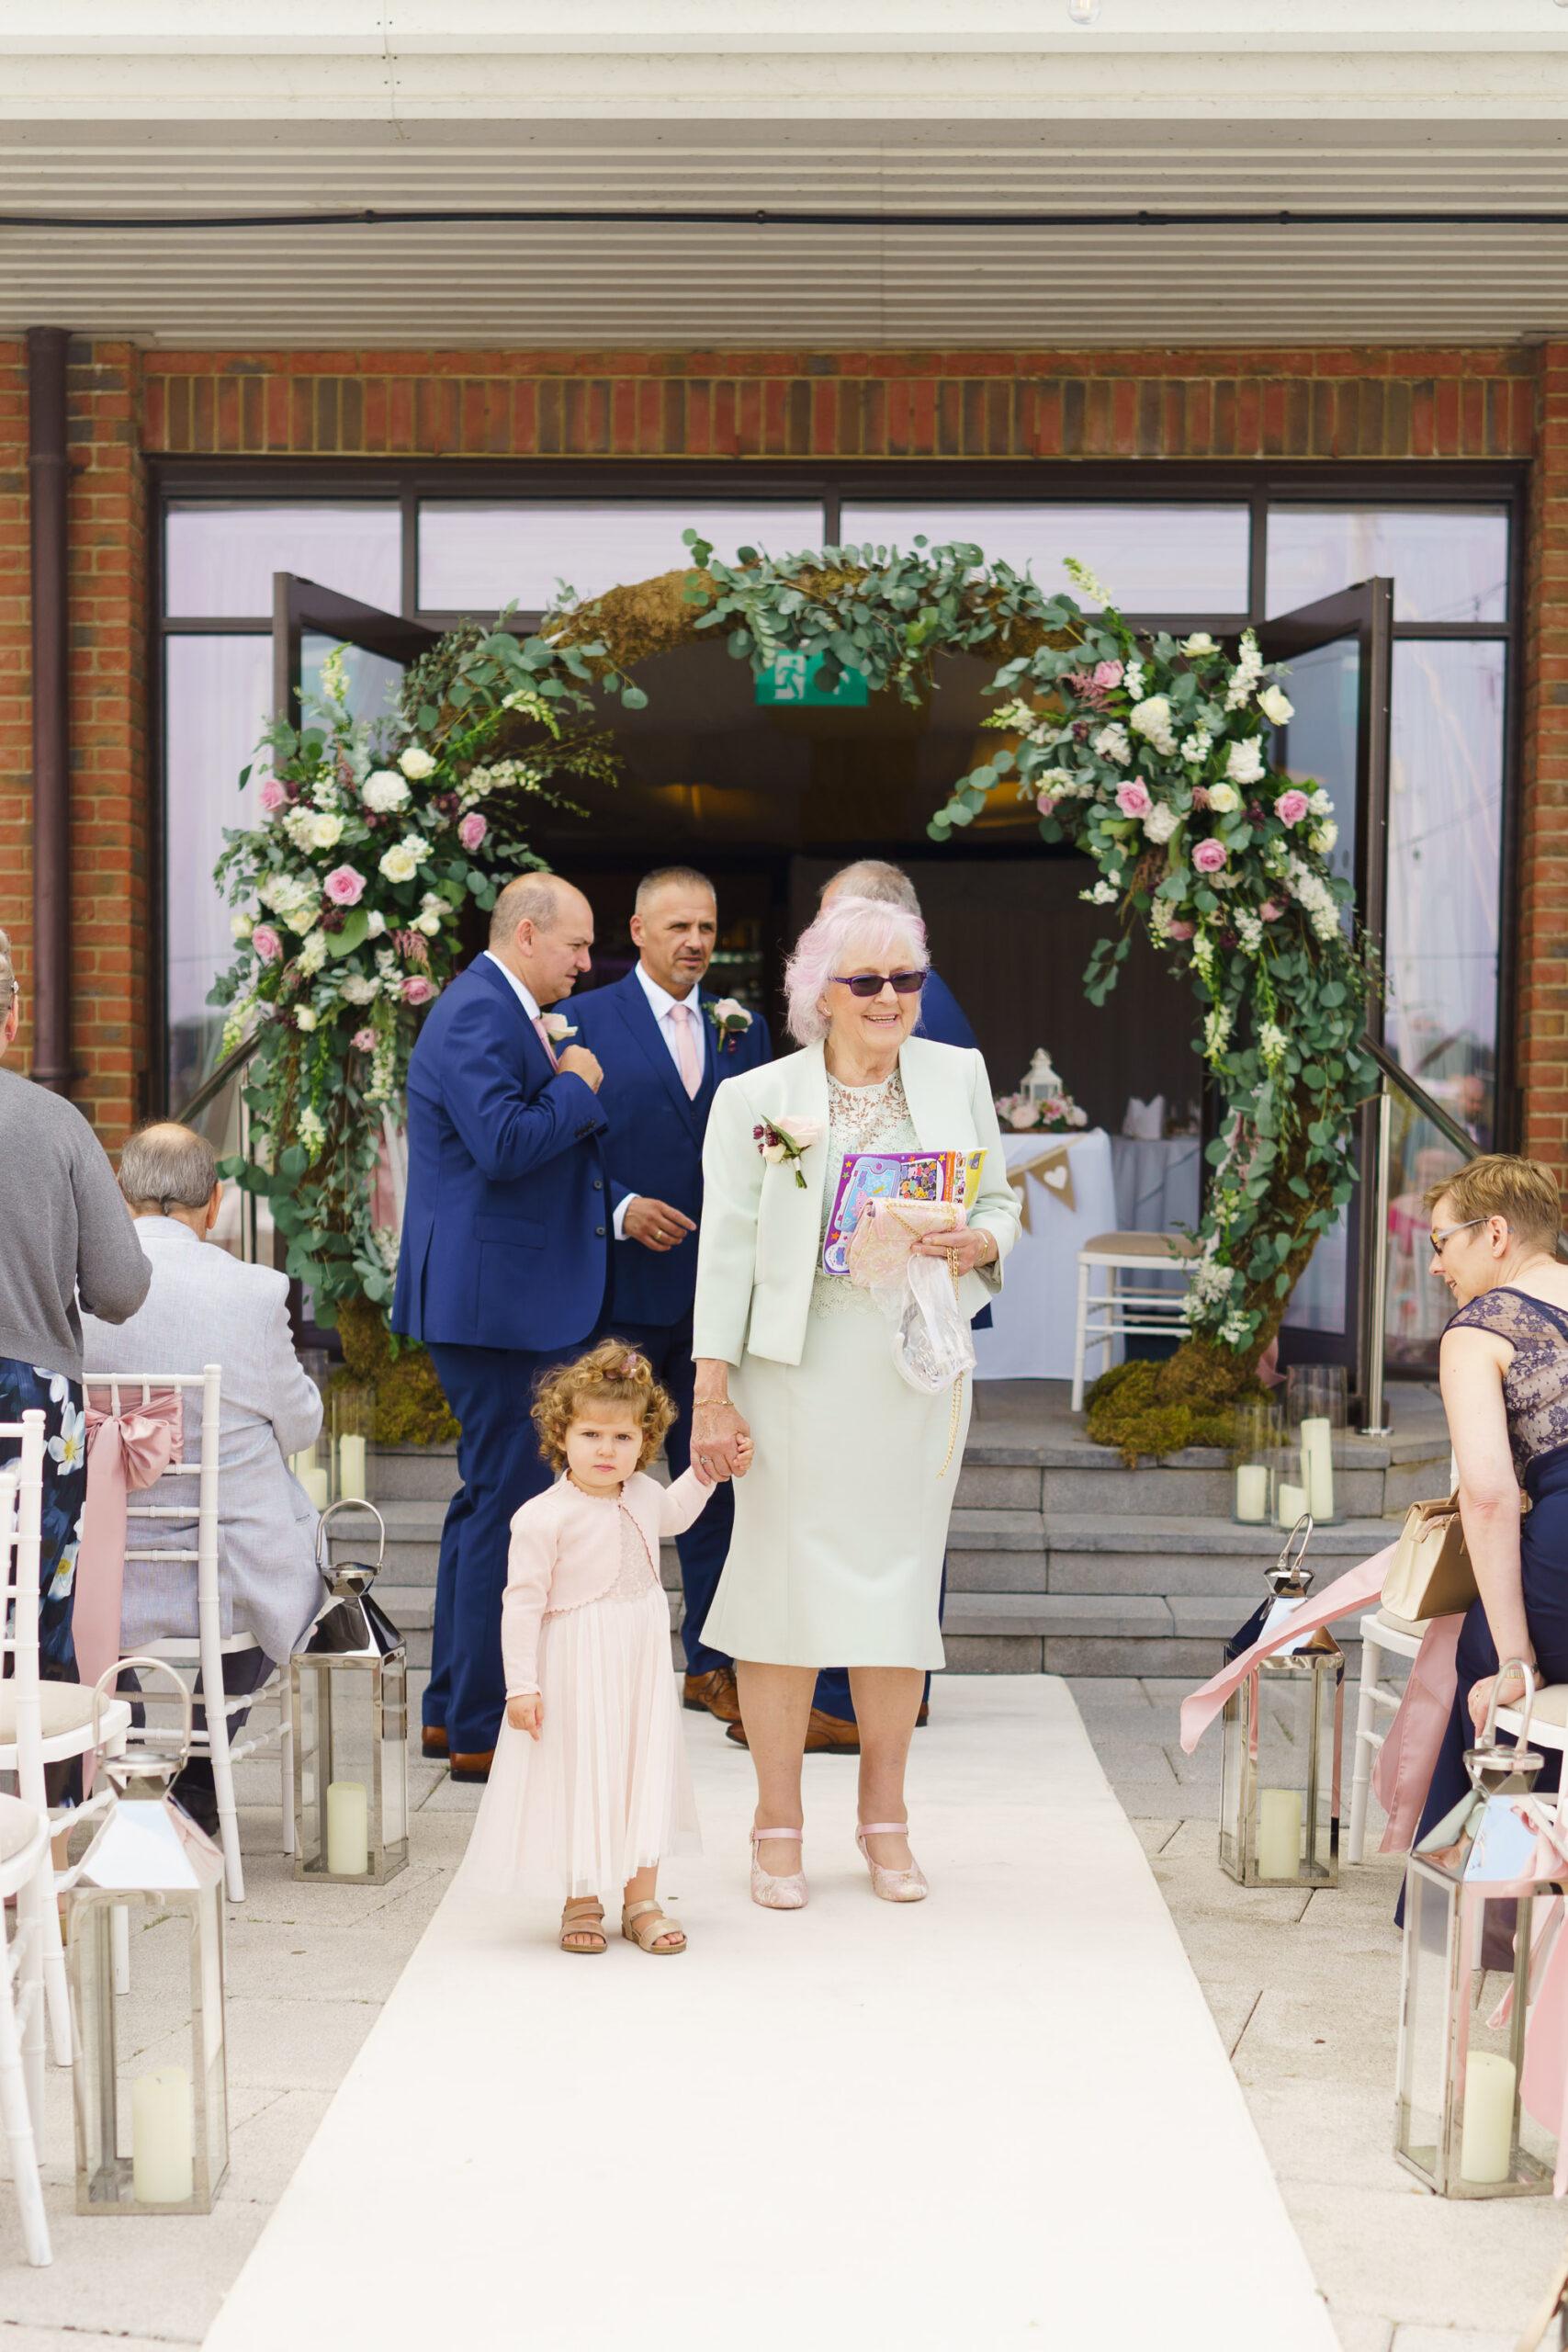 photo of grandma and toddler girl at wedding